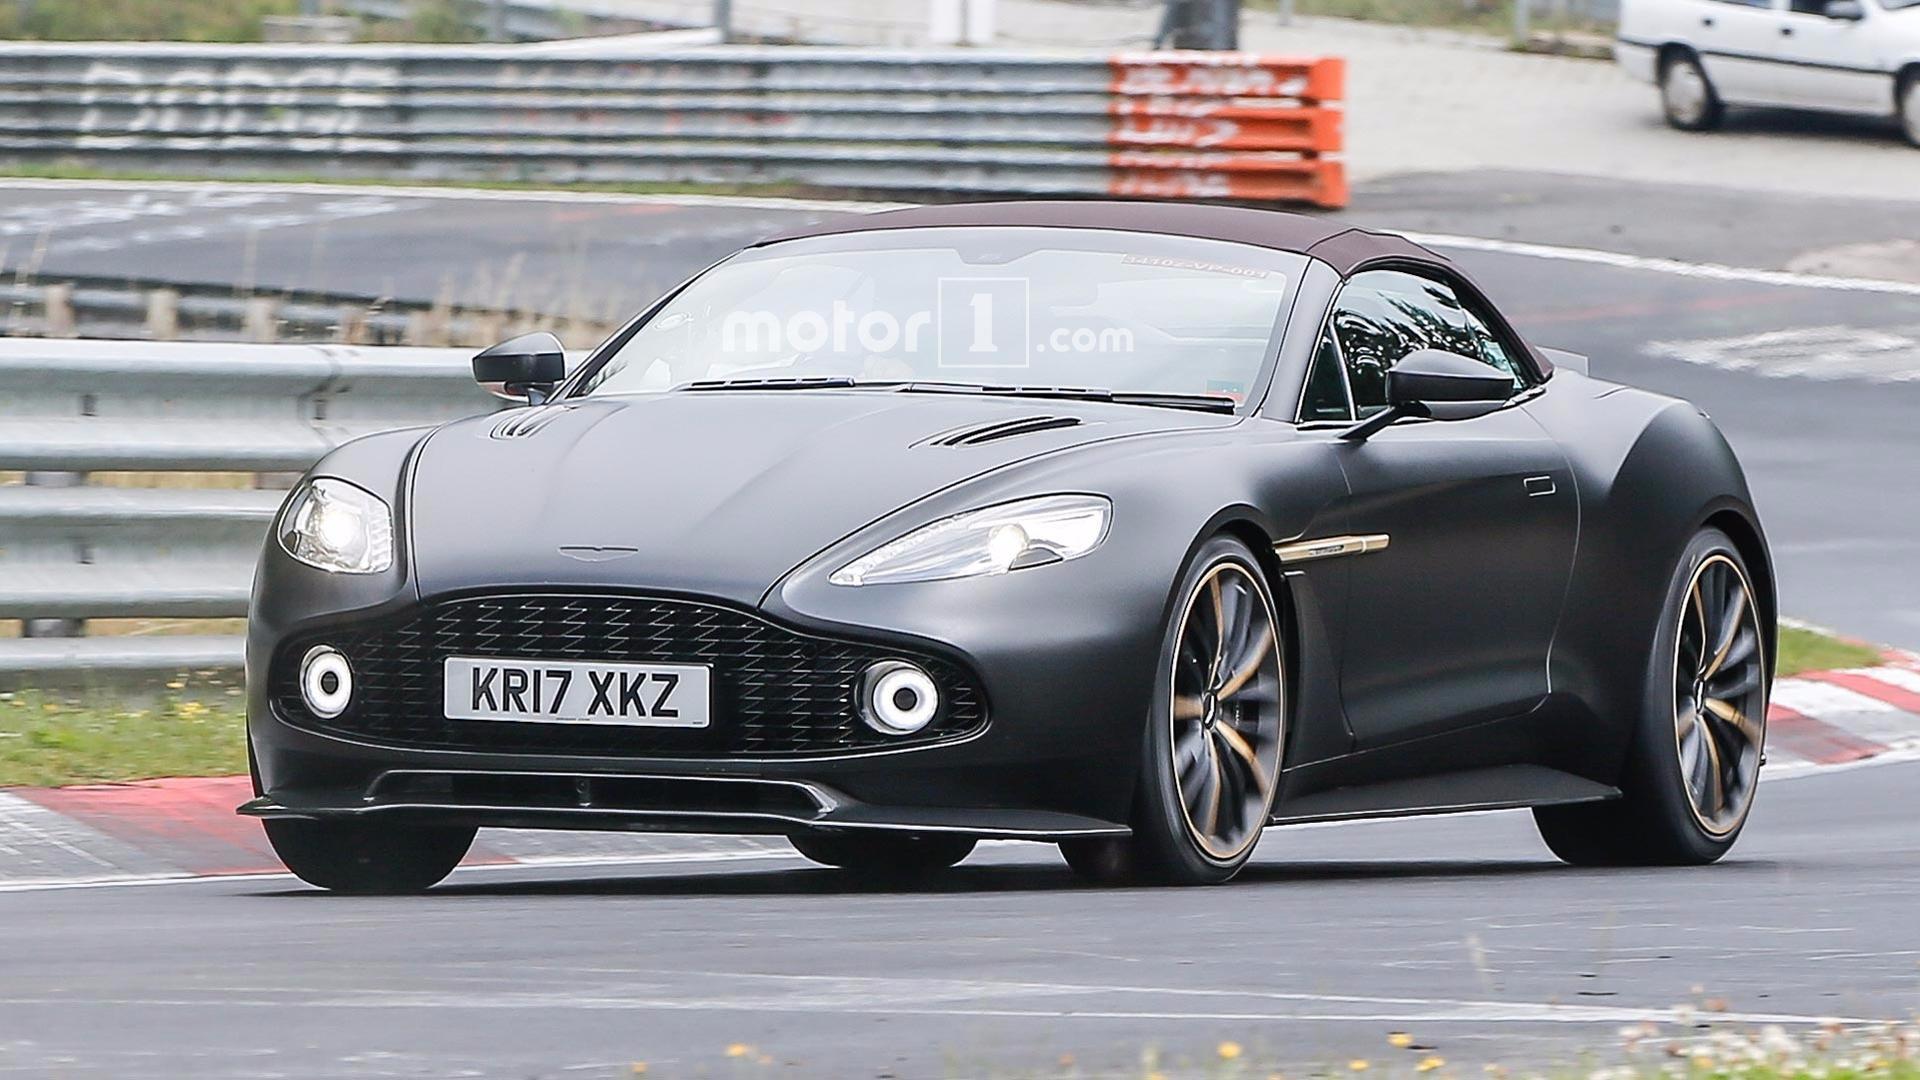 Aston Martin Vanquish Zagato Volante Spied In Elegant Satin Black - Aston martin vanquish black